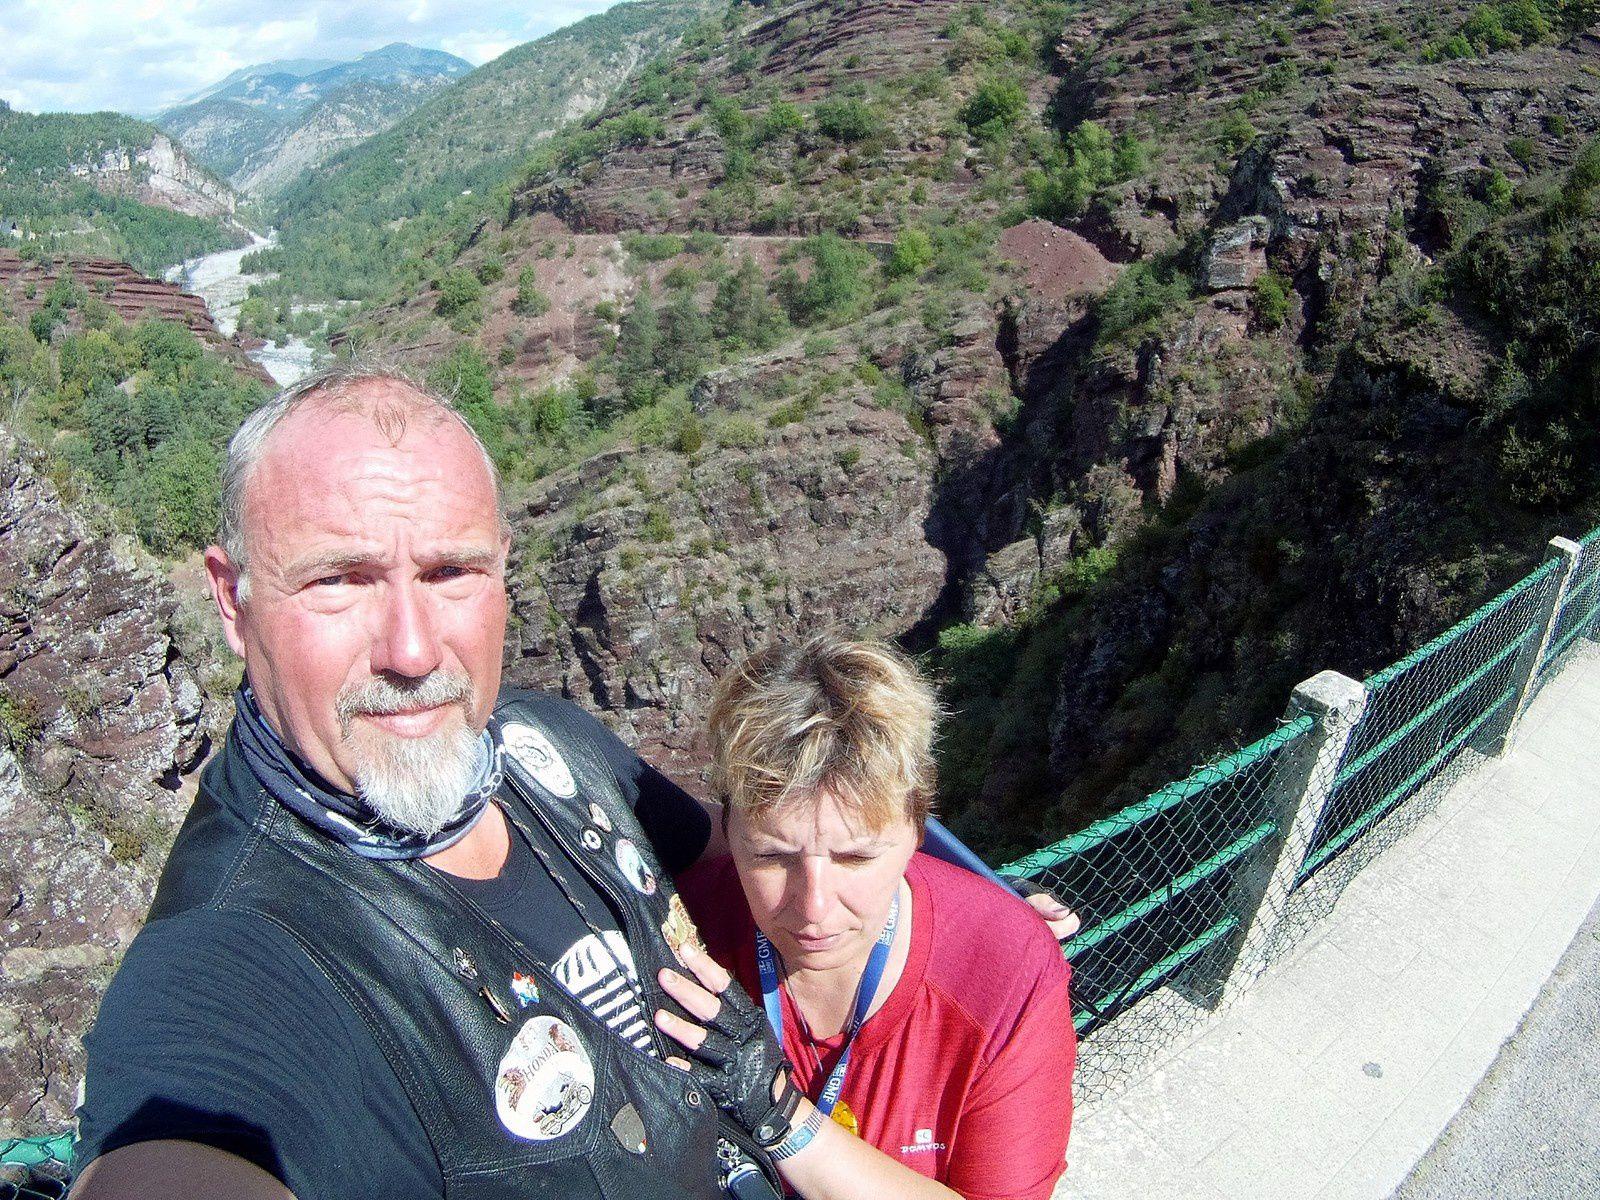 Goldwing - Notre voyage dans les Hautes-Alpes en Goldwing 1800 et Varadero 125 - 7ème jour 1/2